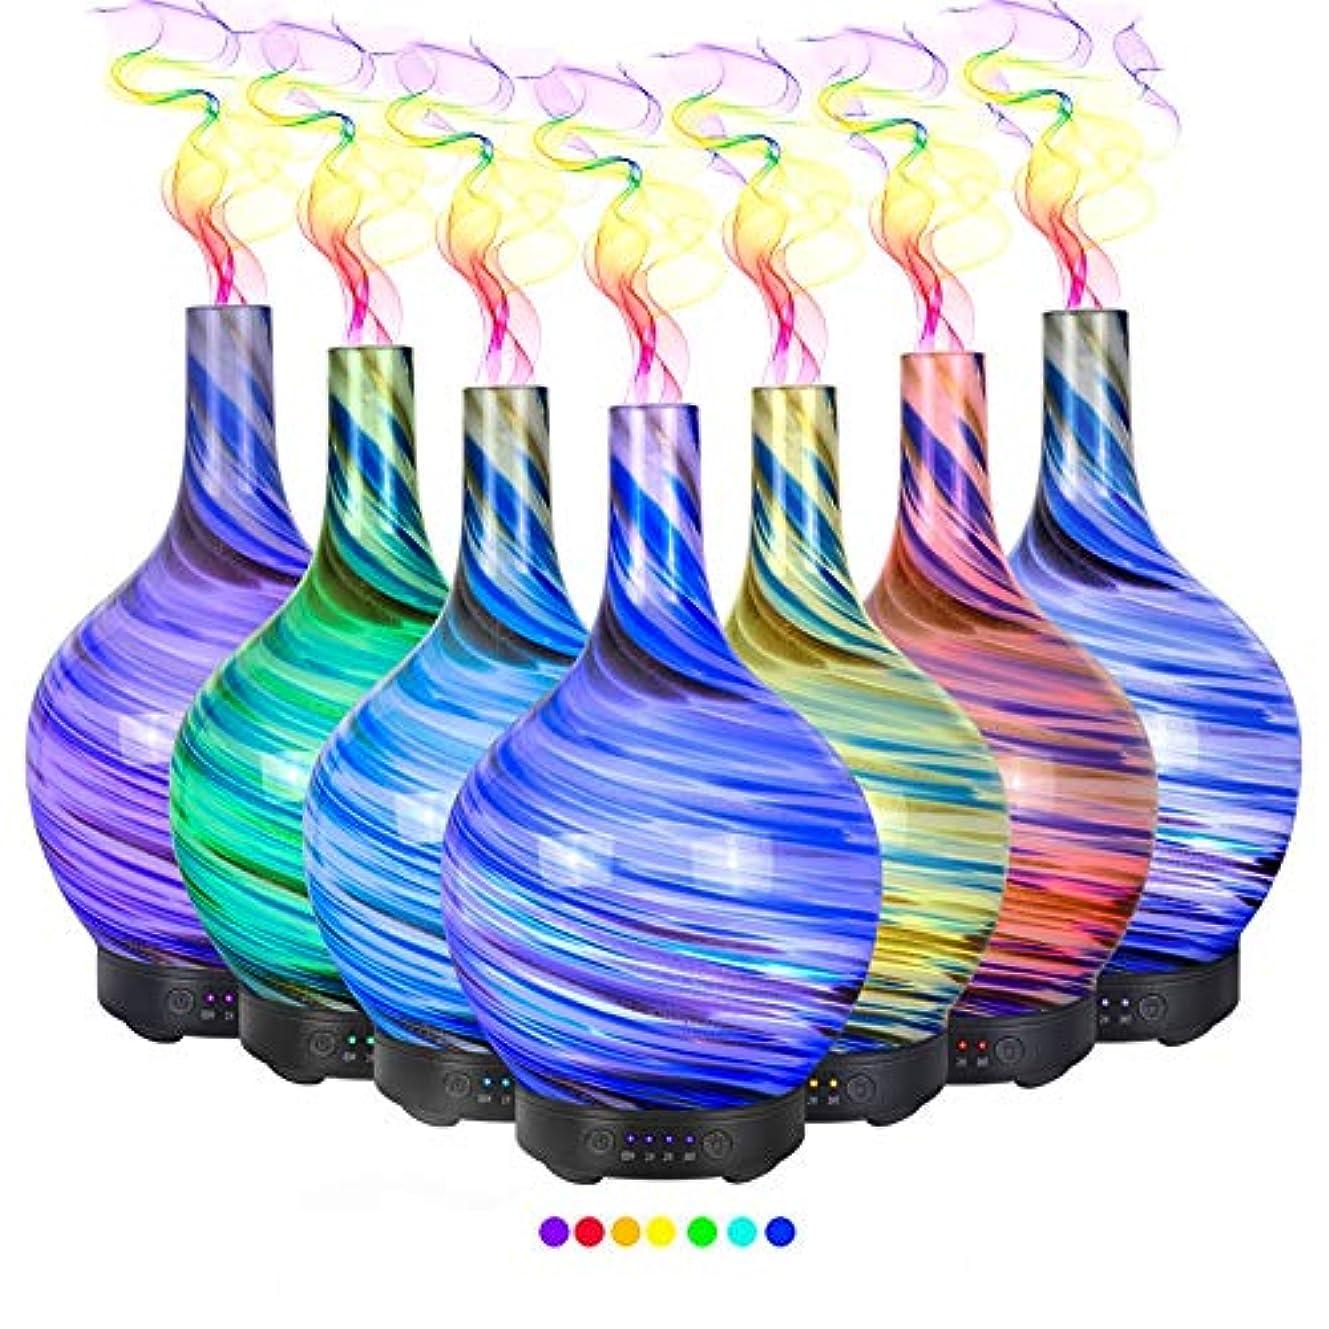 疑い者パイプ暴動エッセンシャルオイル用ディフューザー (100ml)-3d アートガラストルネードアロマ加湿器7色の変更 LED ライト & 4 タイマー設定、水なしの自動シャットオフ